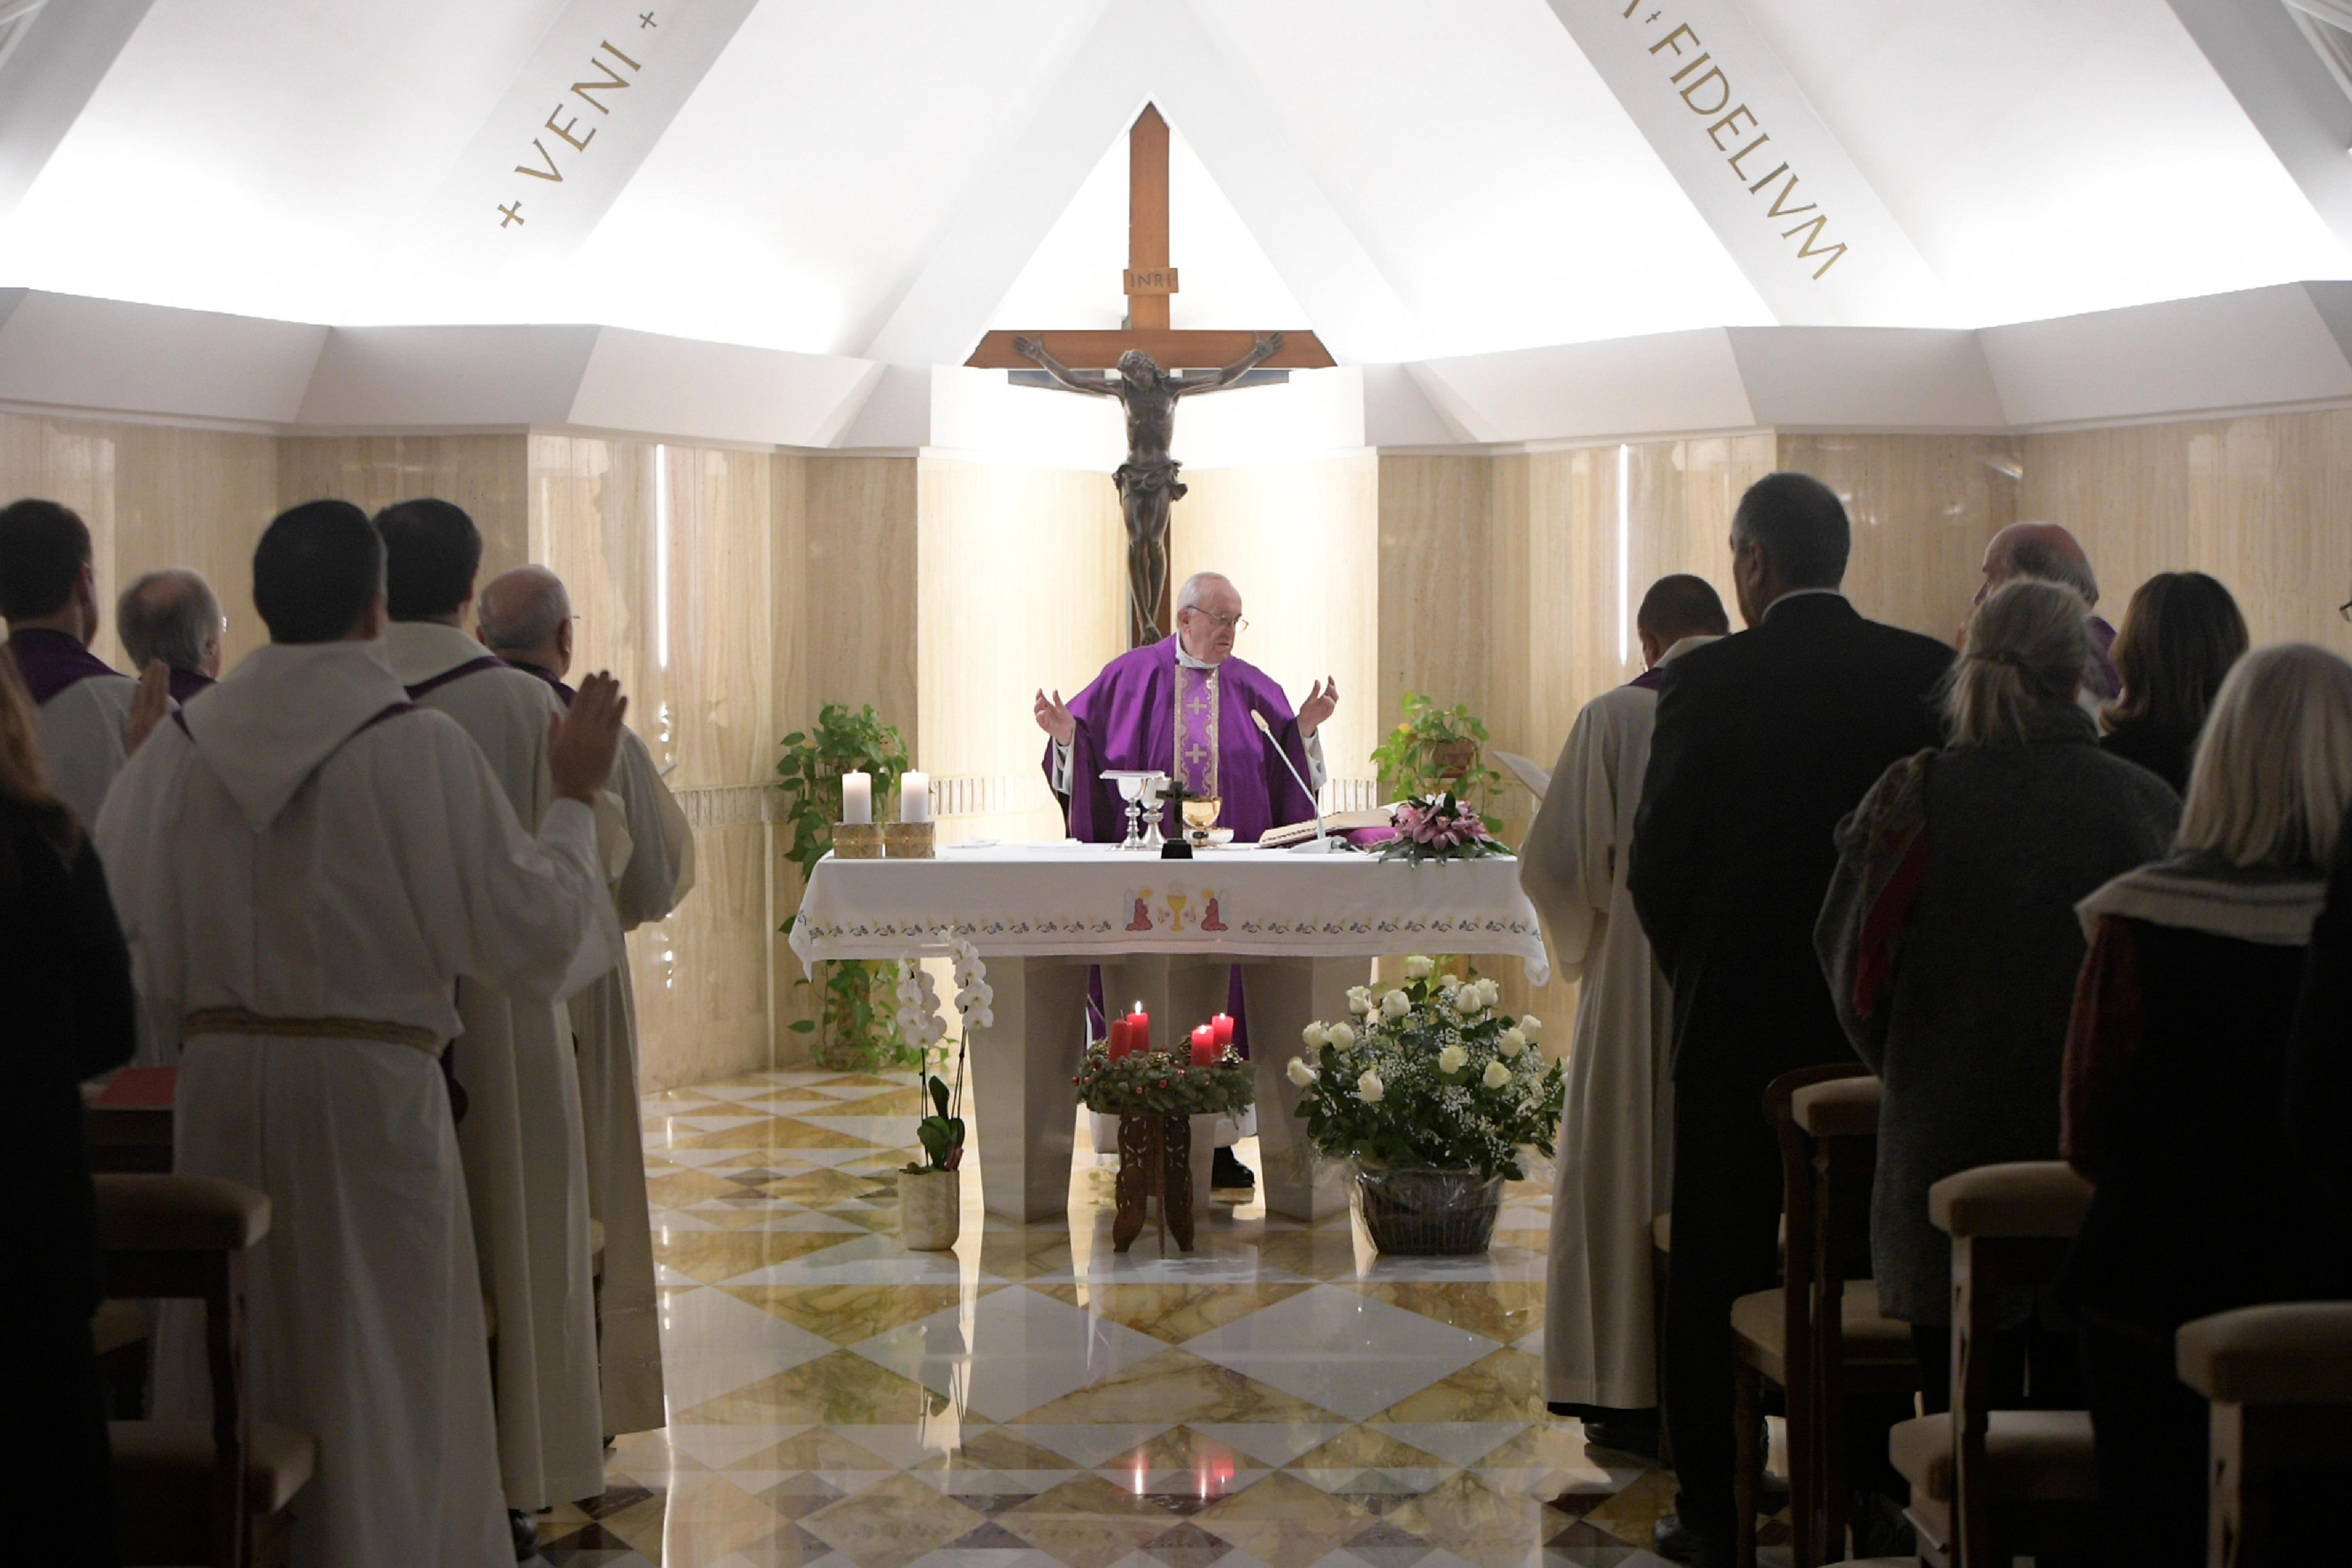 El Papa ha celebrado la Eucaristía en Santa Marta 18/12/2017 © L´Osservatore Romano